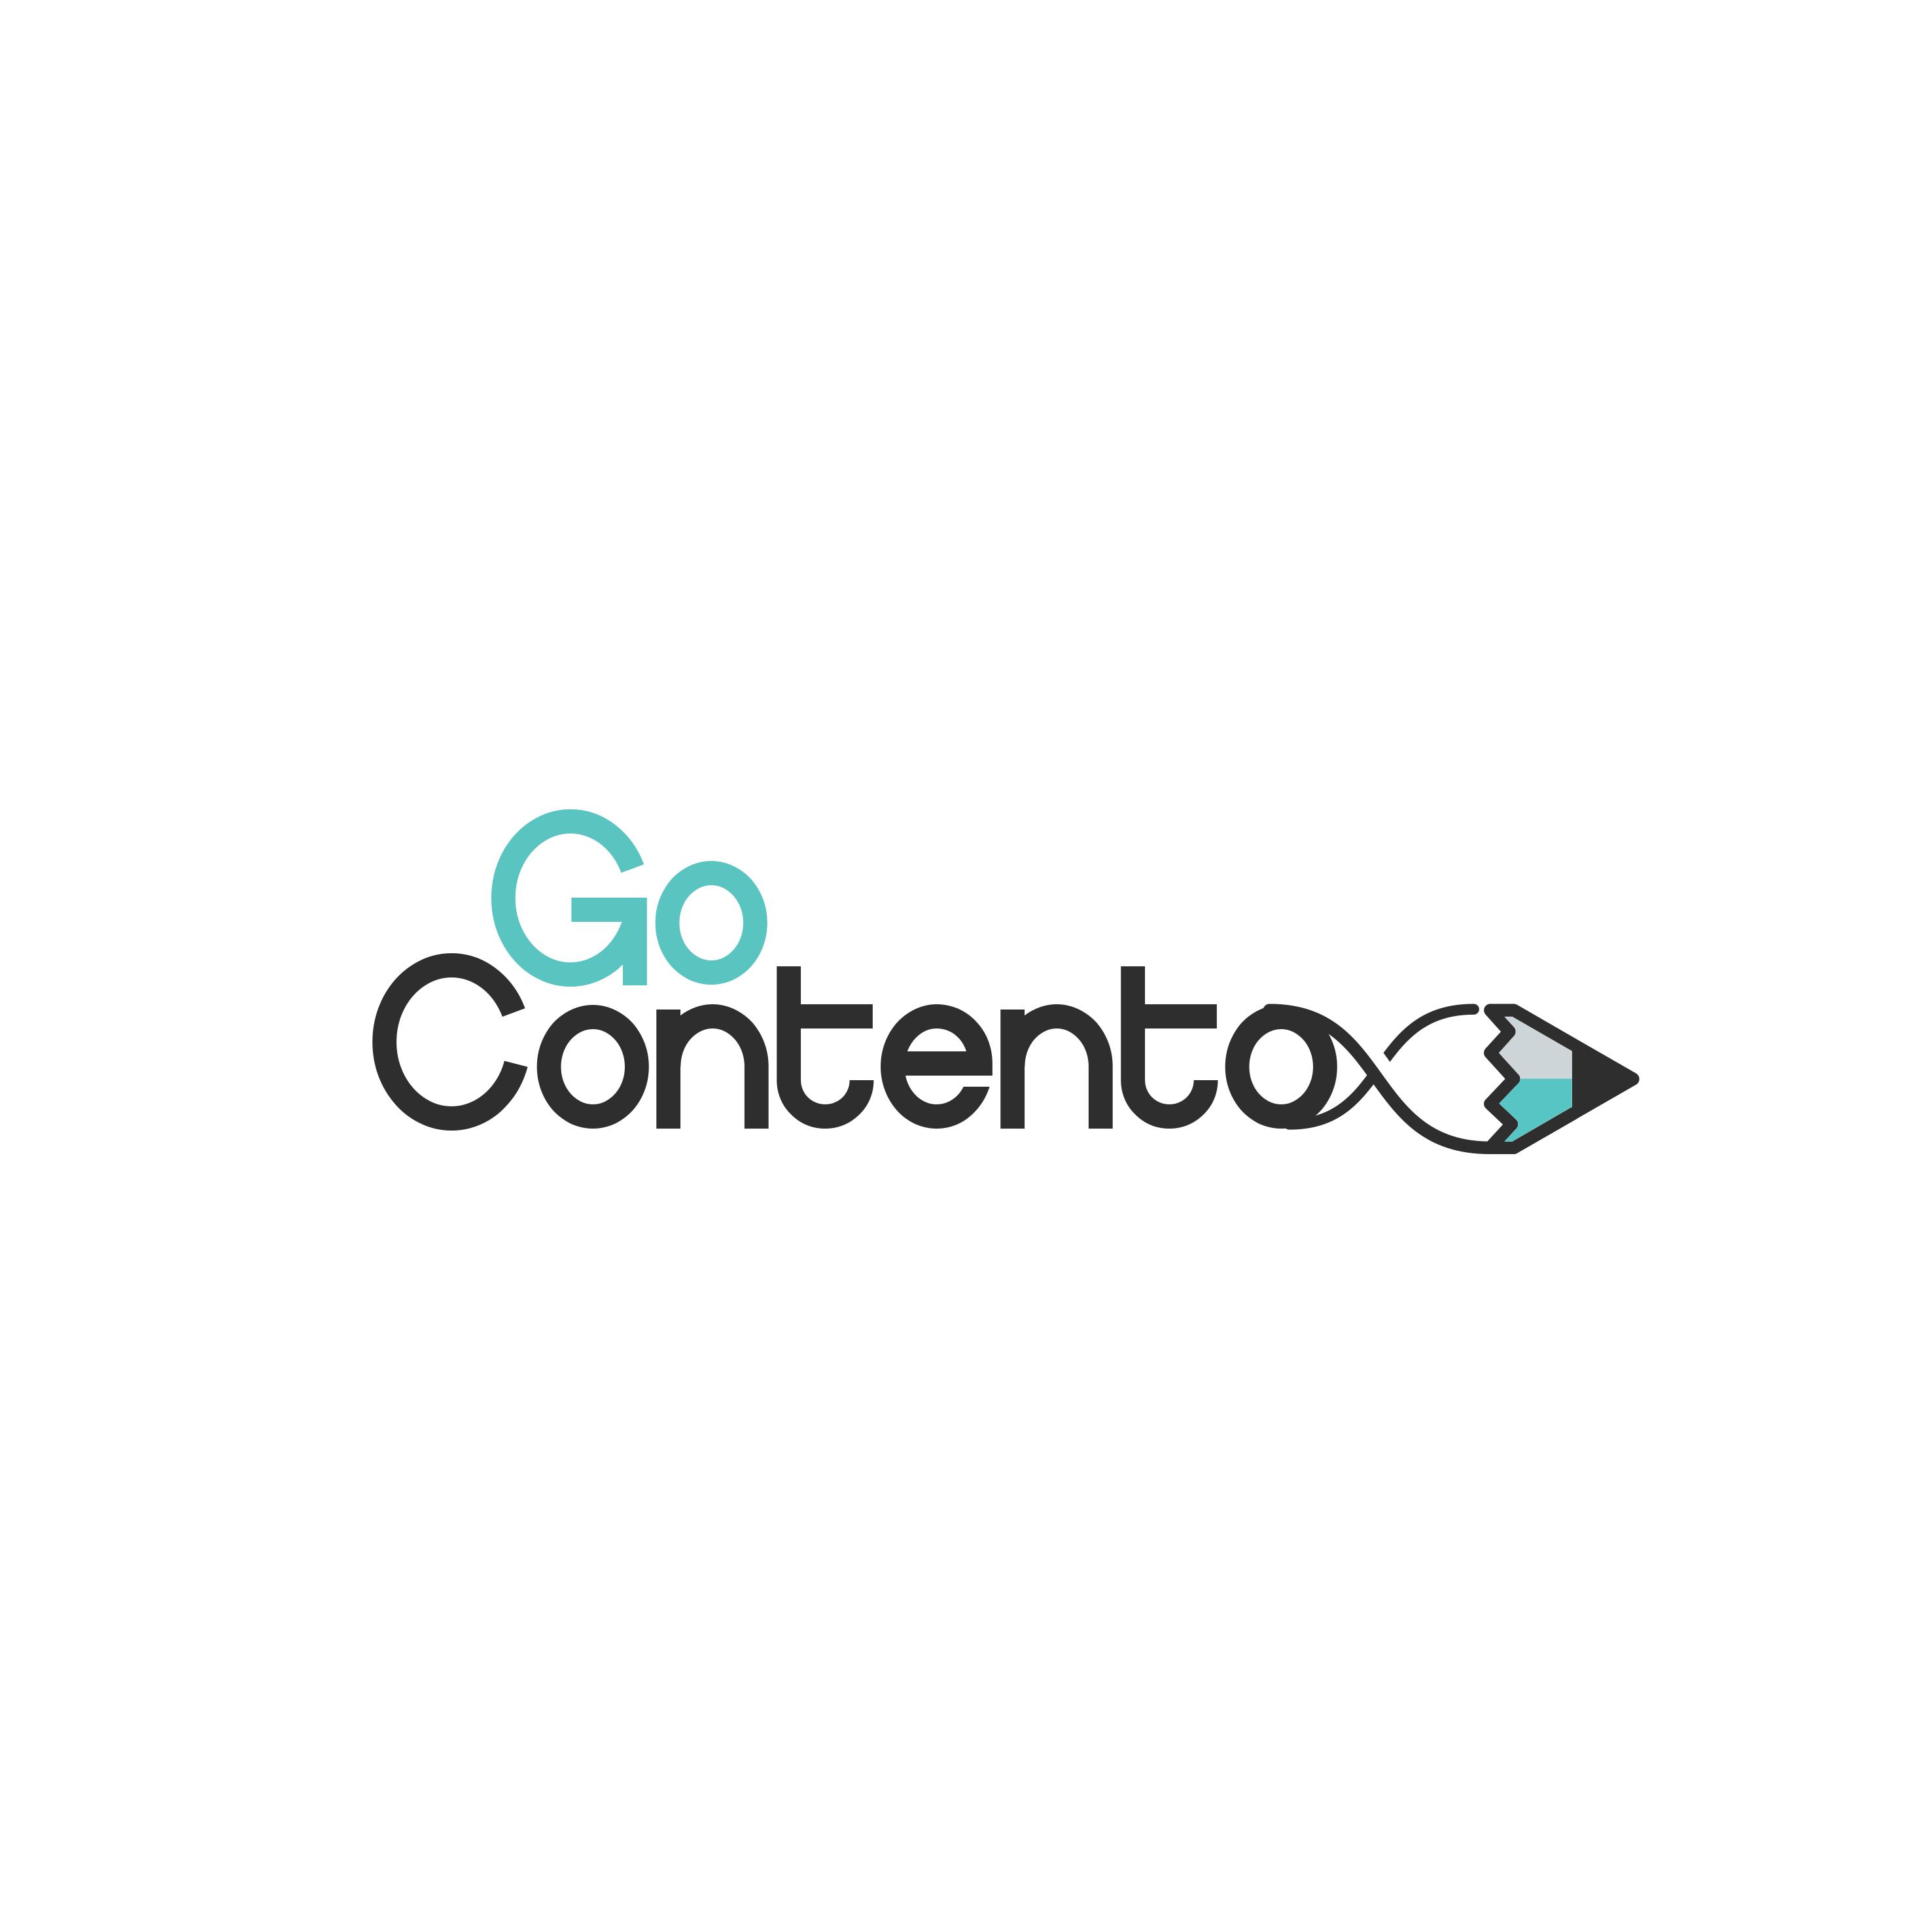 Go Contento Logo design